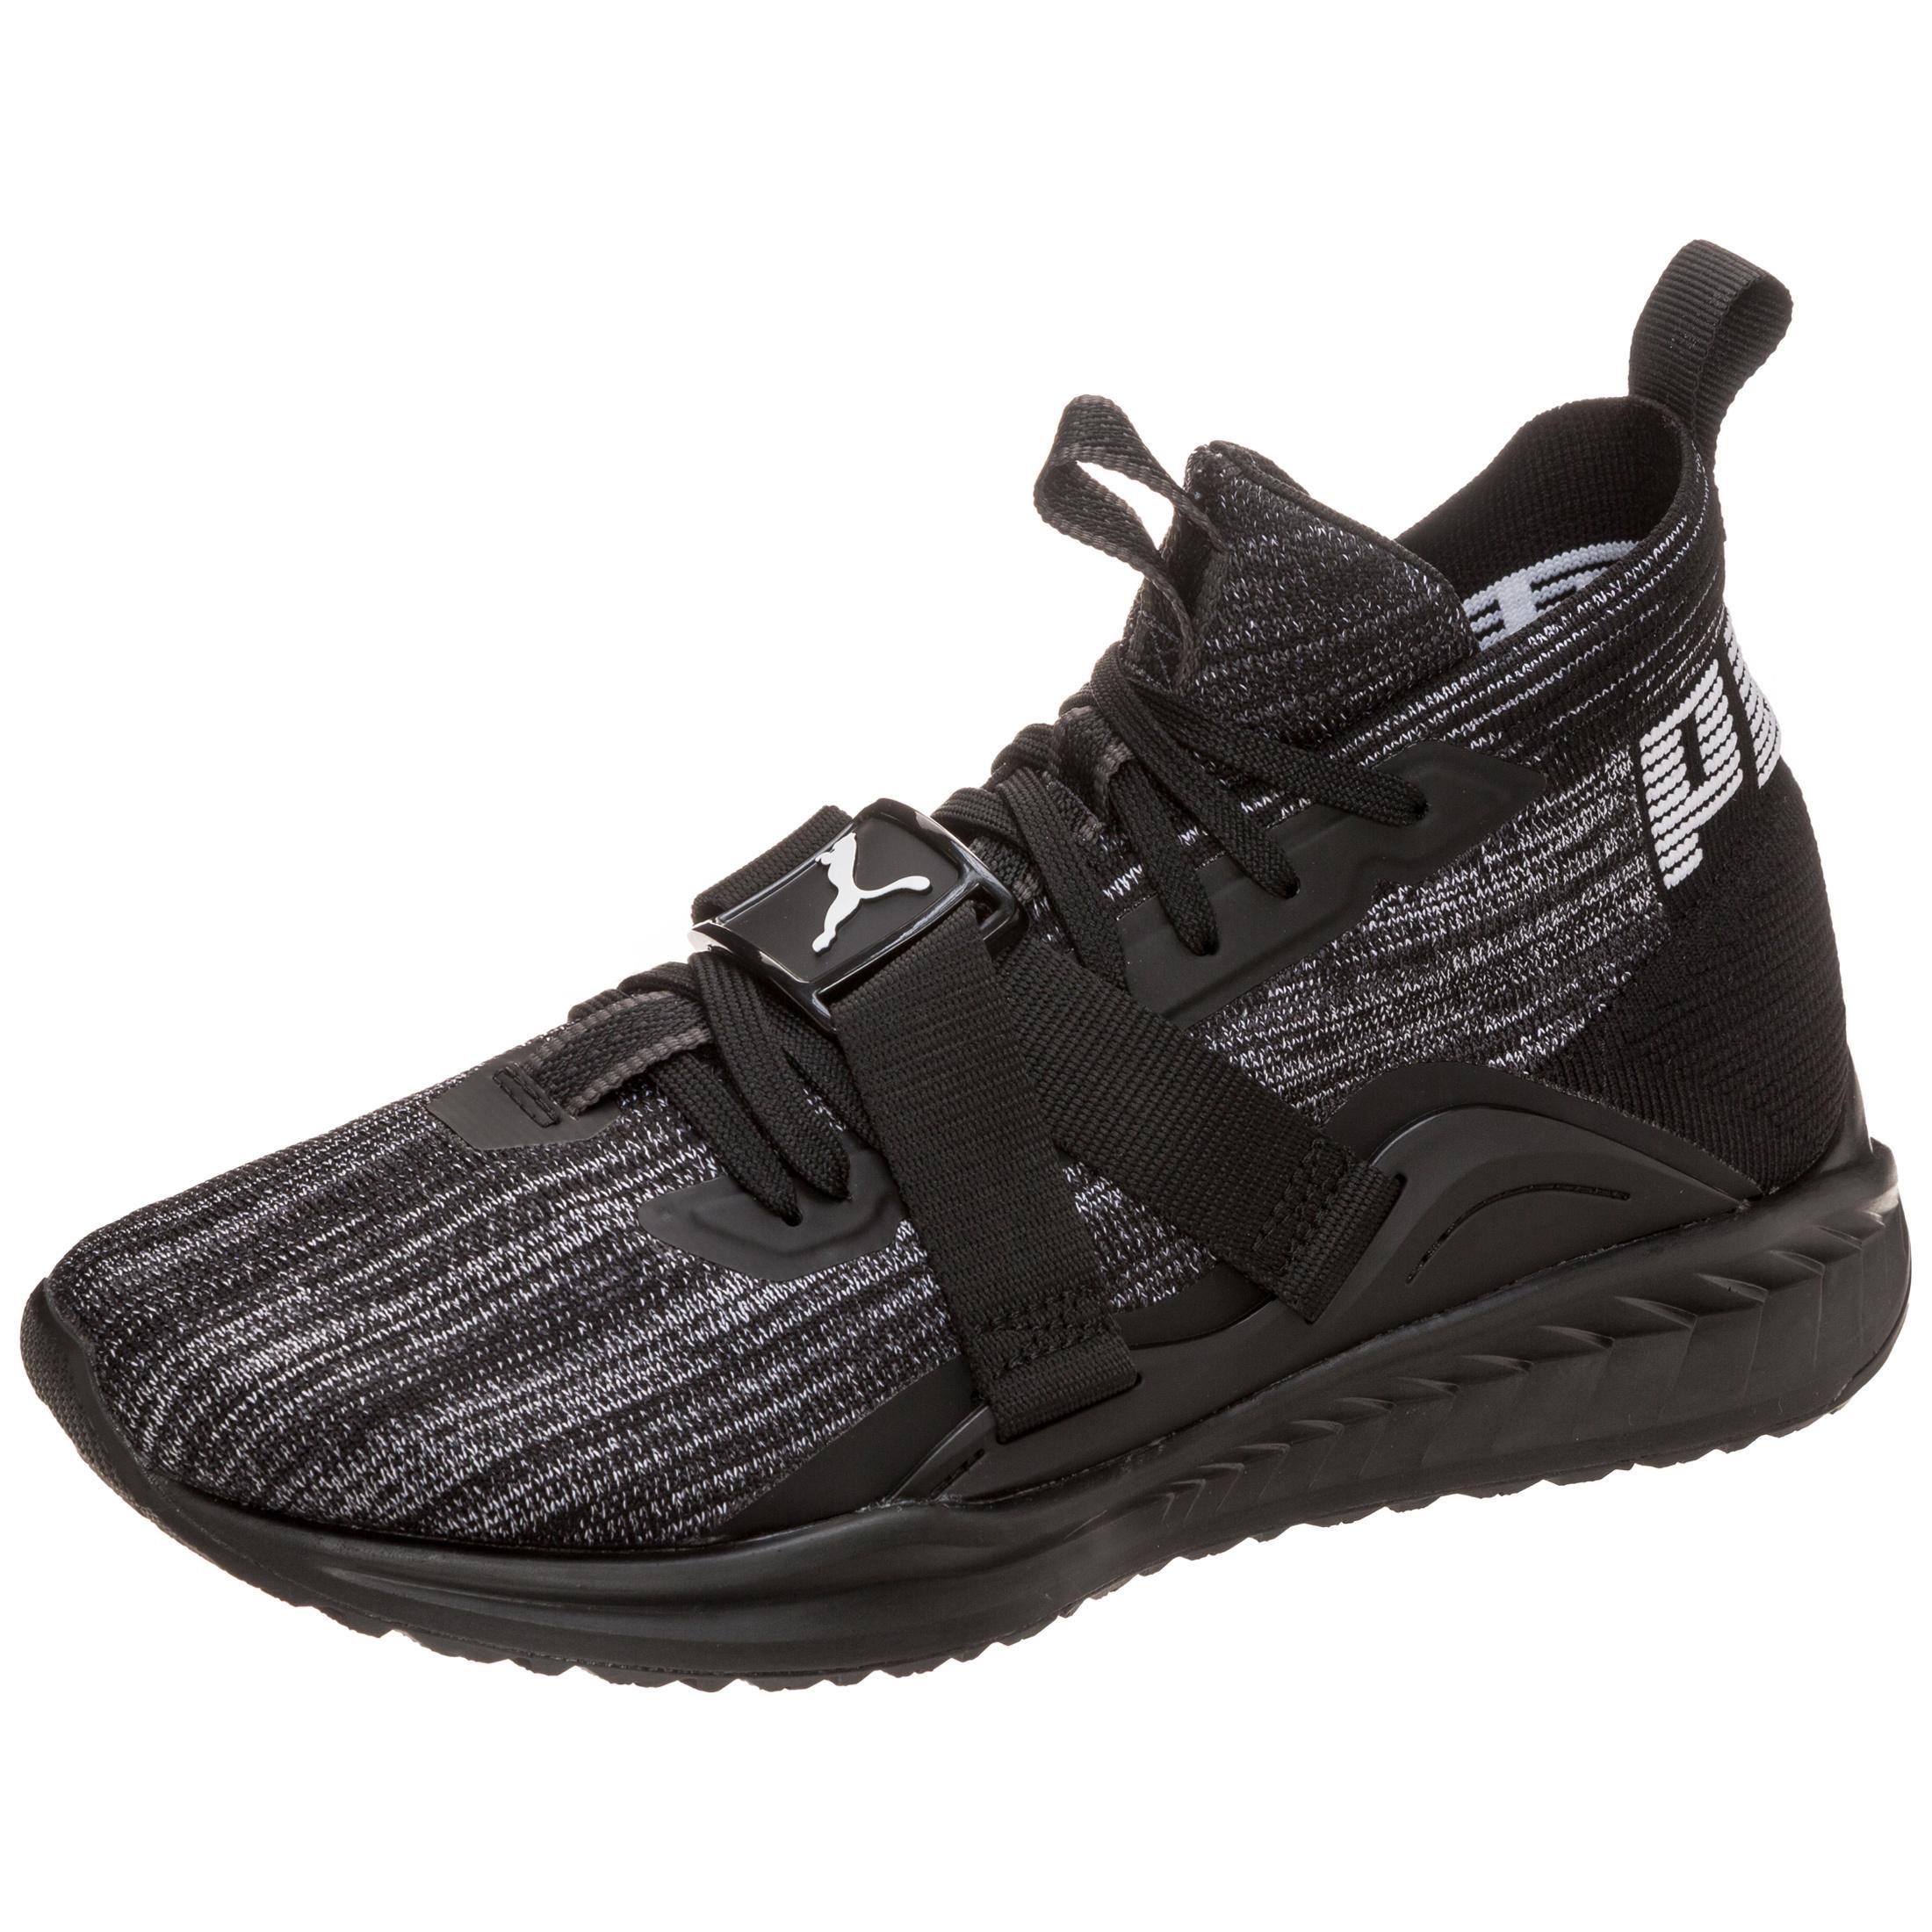 PUMA Ignite evoKNIT 2 Sneaker Herren schwarz / grau im Online Shop von SportScheck kaufen Gute Qualität beliebte Schuhe